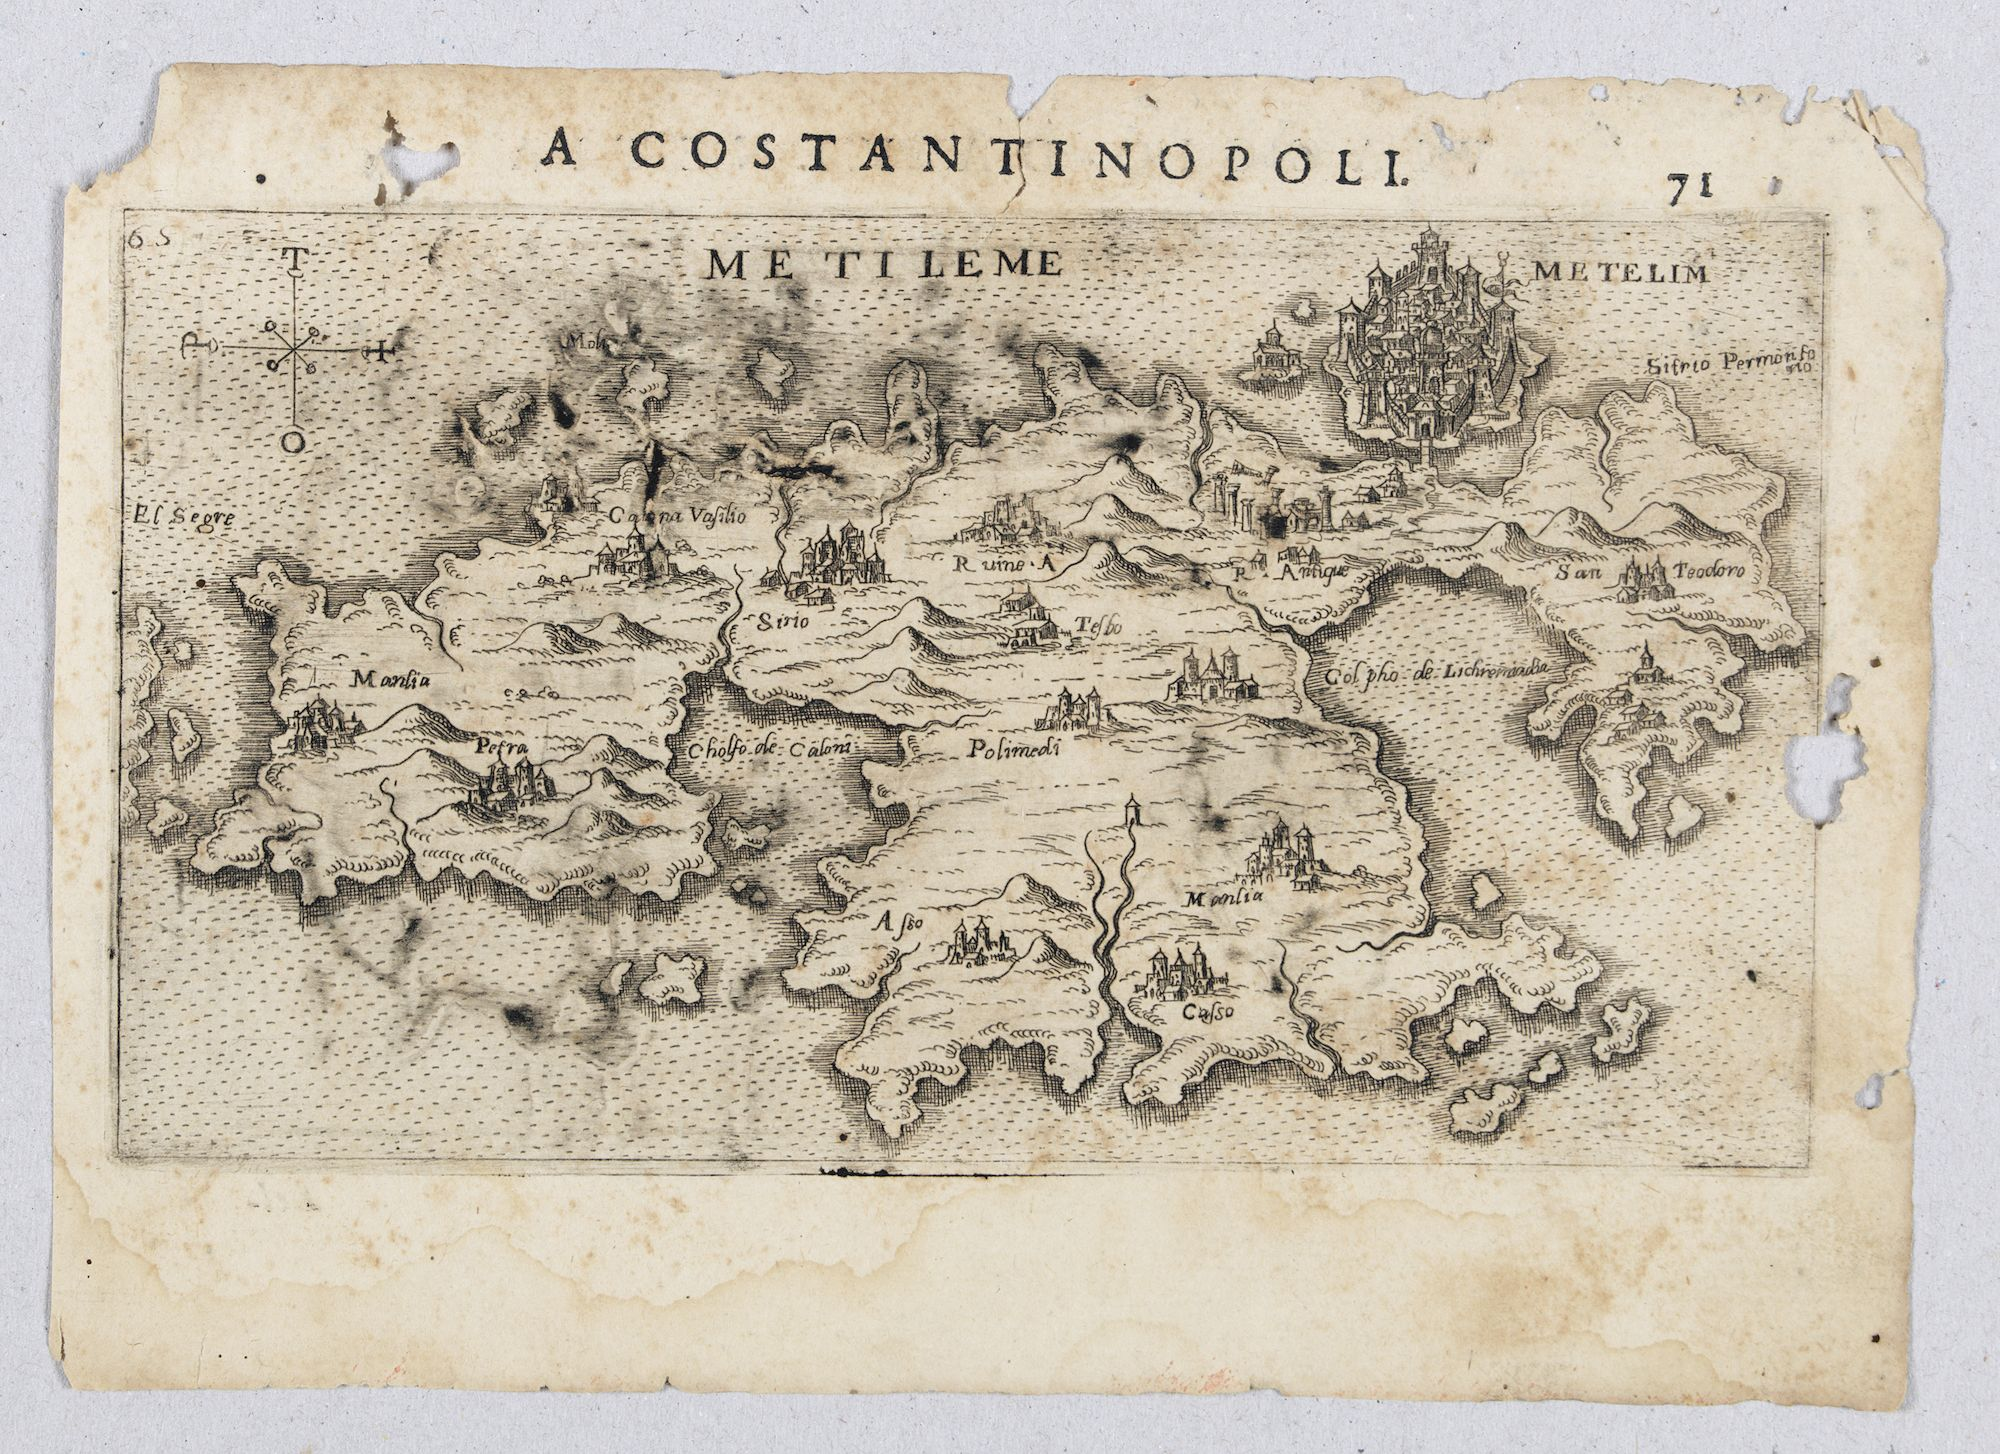 ROSACCIO, Giuseppe. -  Metileme. (Lesbos)